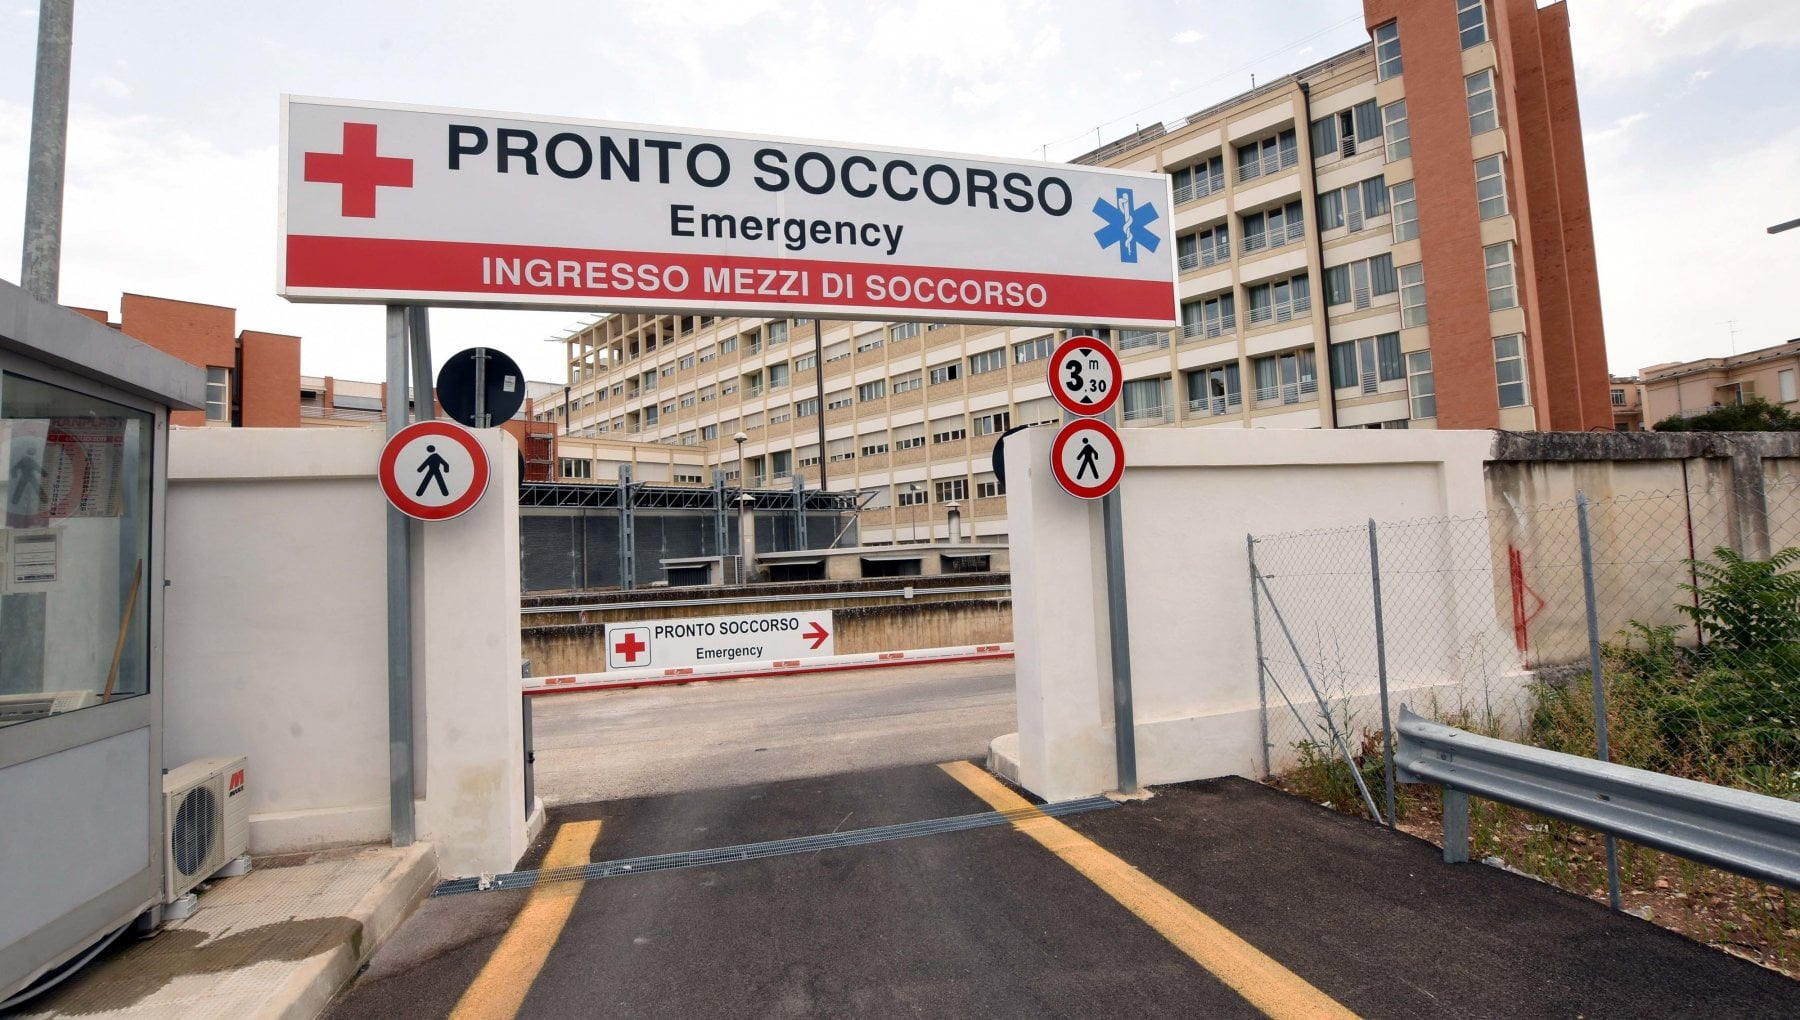 173759553 f5926cf4 7dfe 409e b8dc 8d64de430aea - Al Policlinico di Bari linea telefonica per avere info sui pazienti nel pronto soccorso